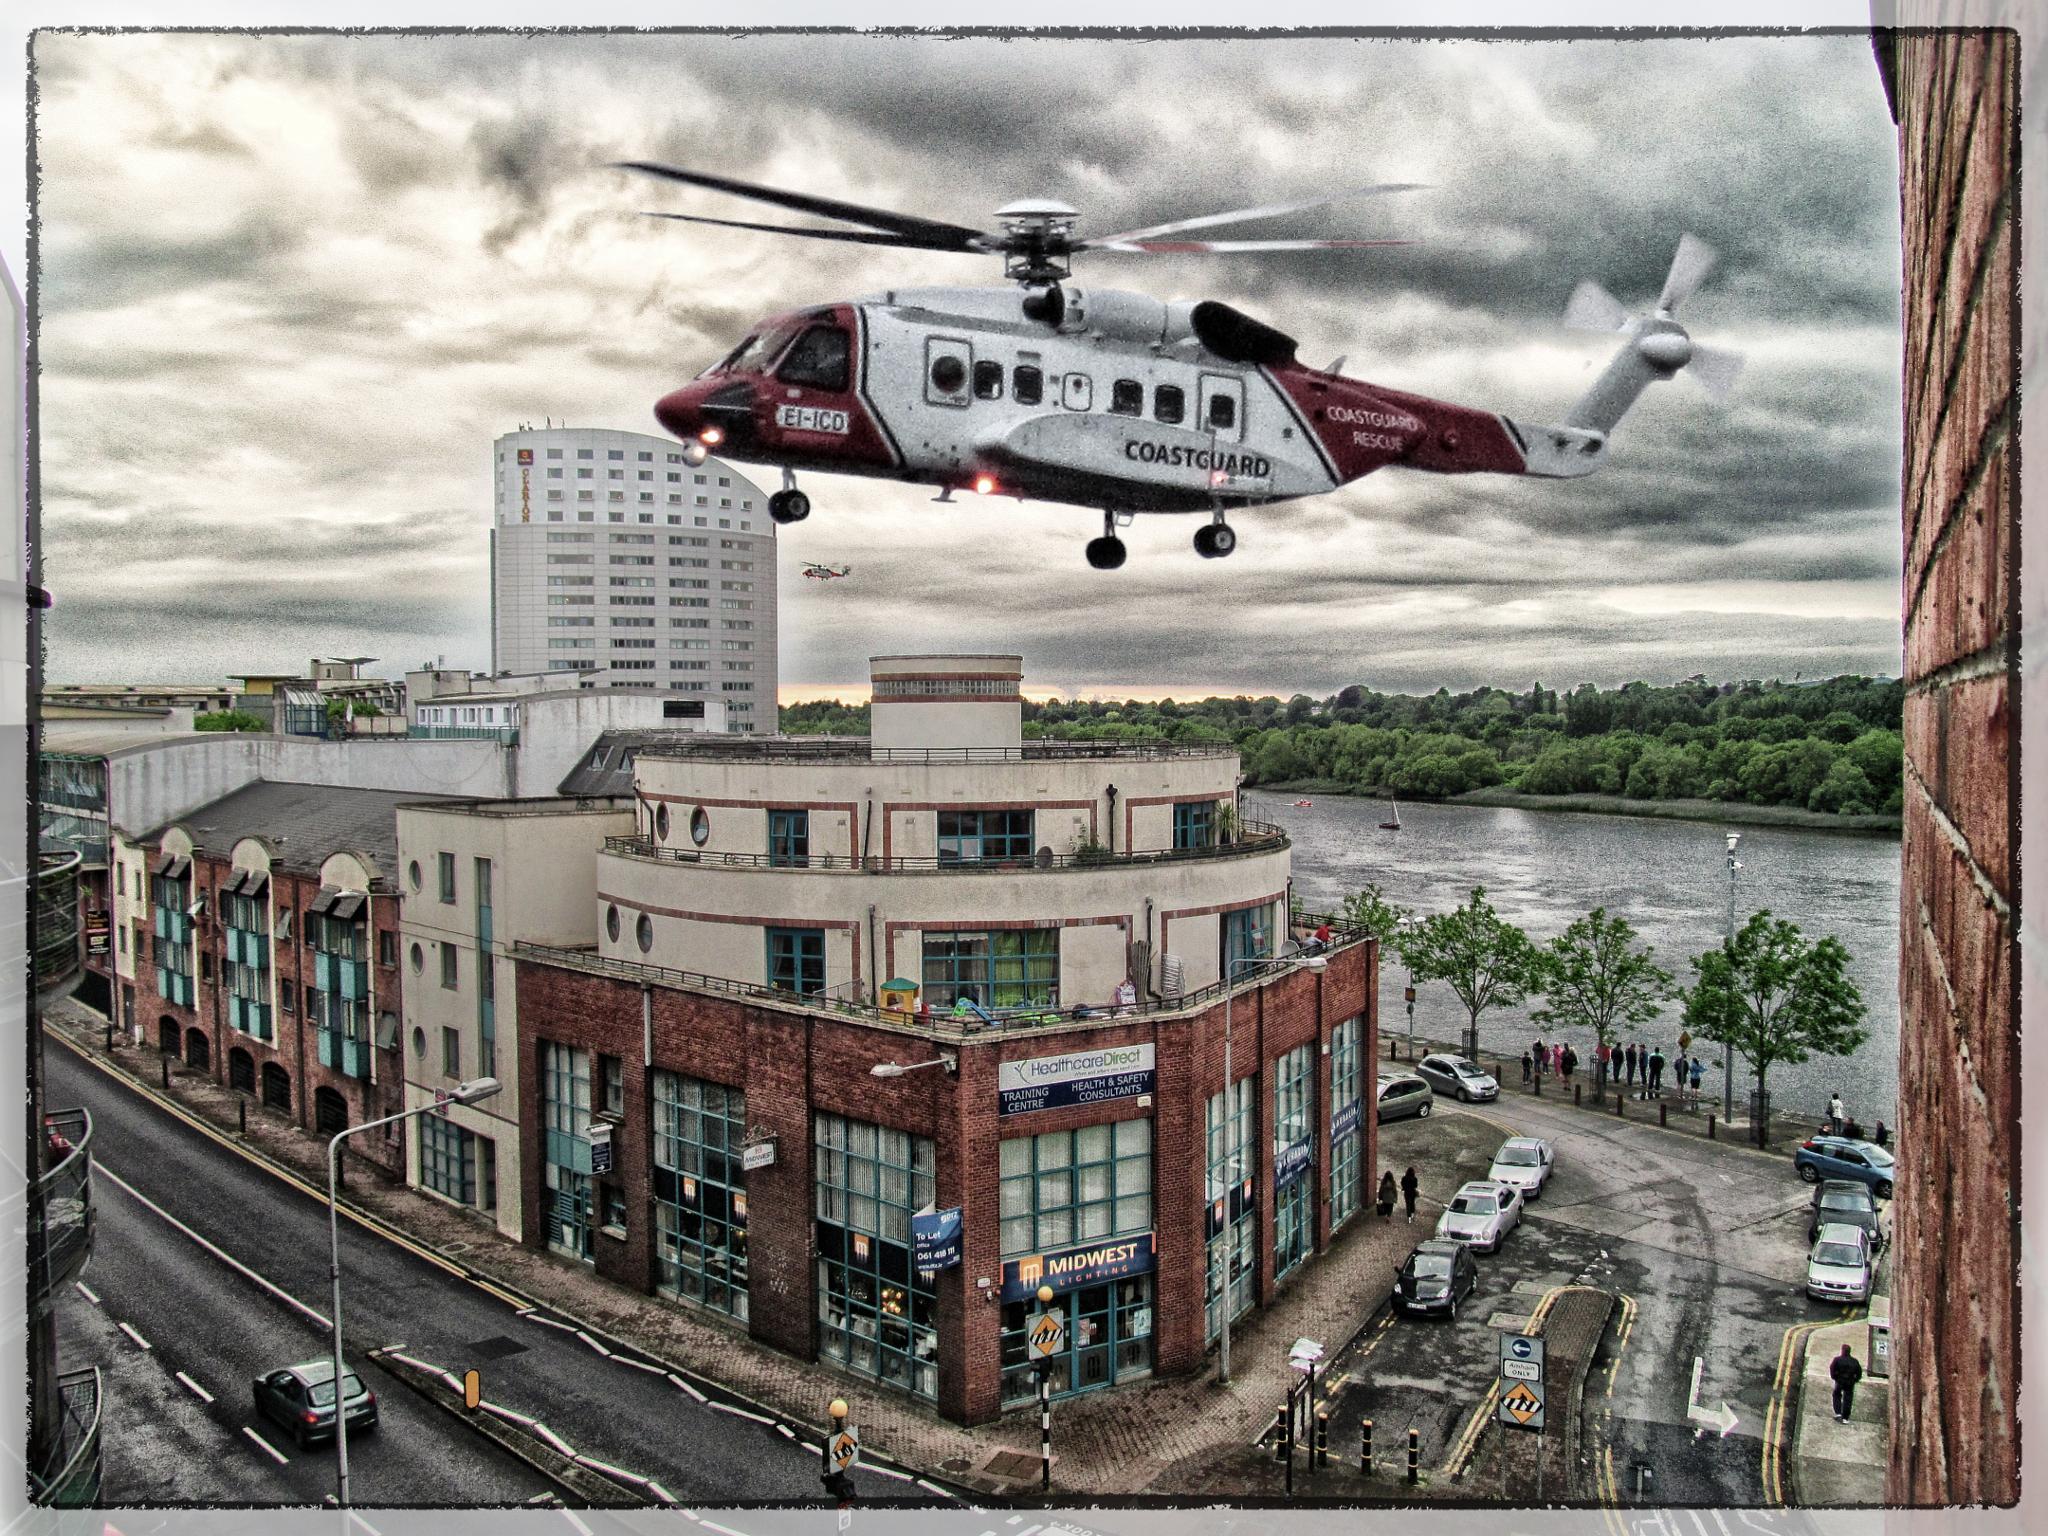 Rescue heli in Limerick by Krzysztof Luszczki